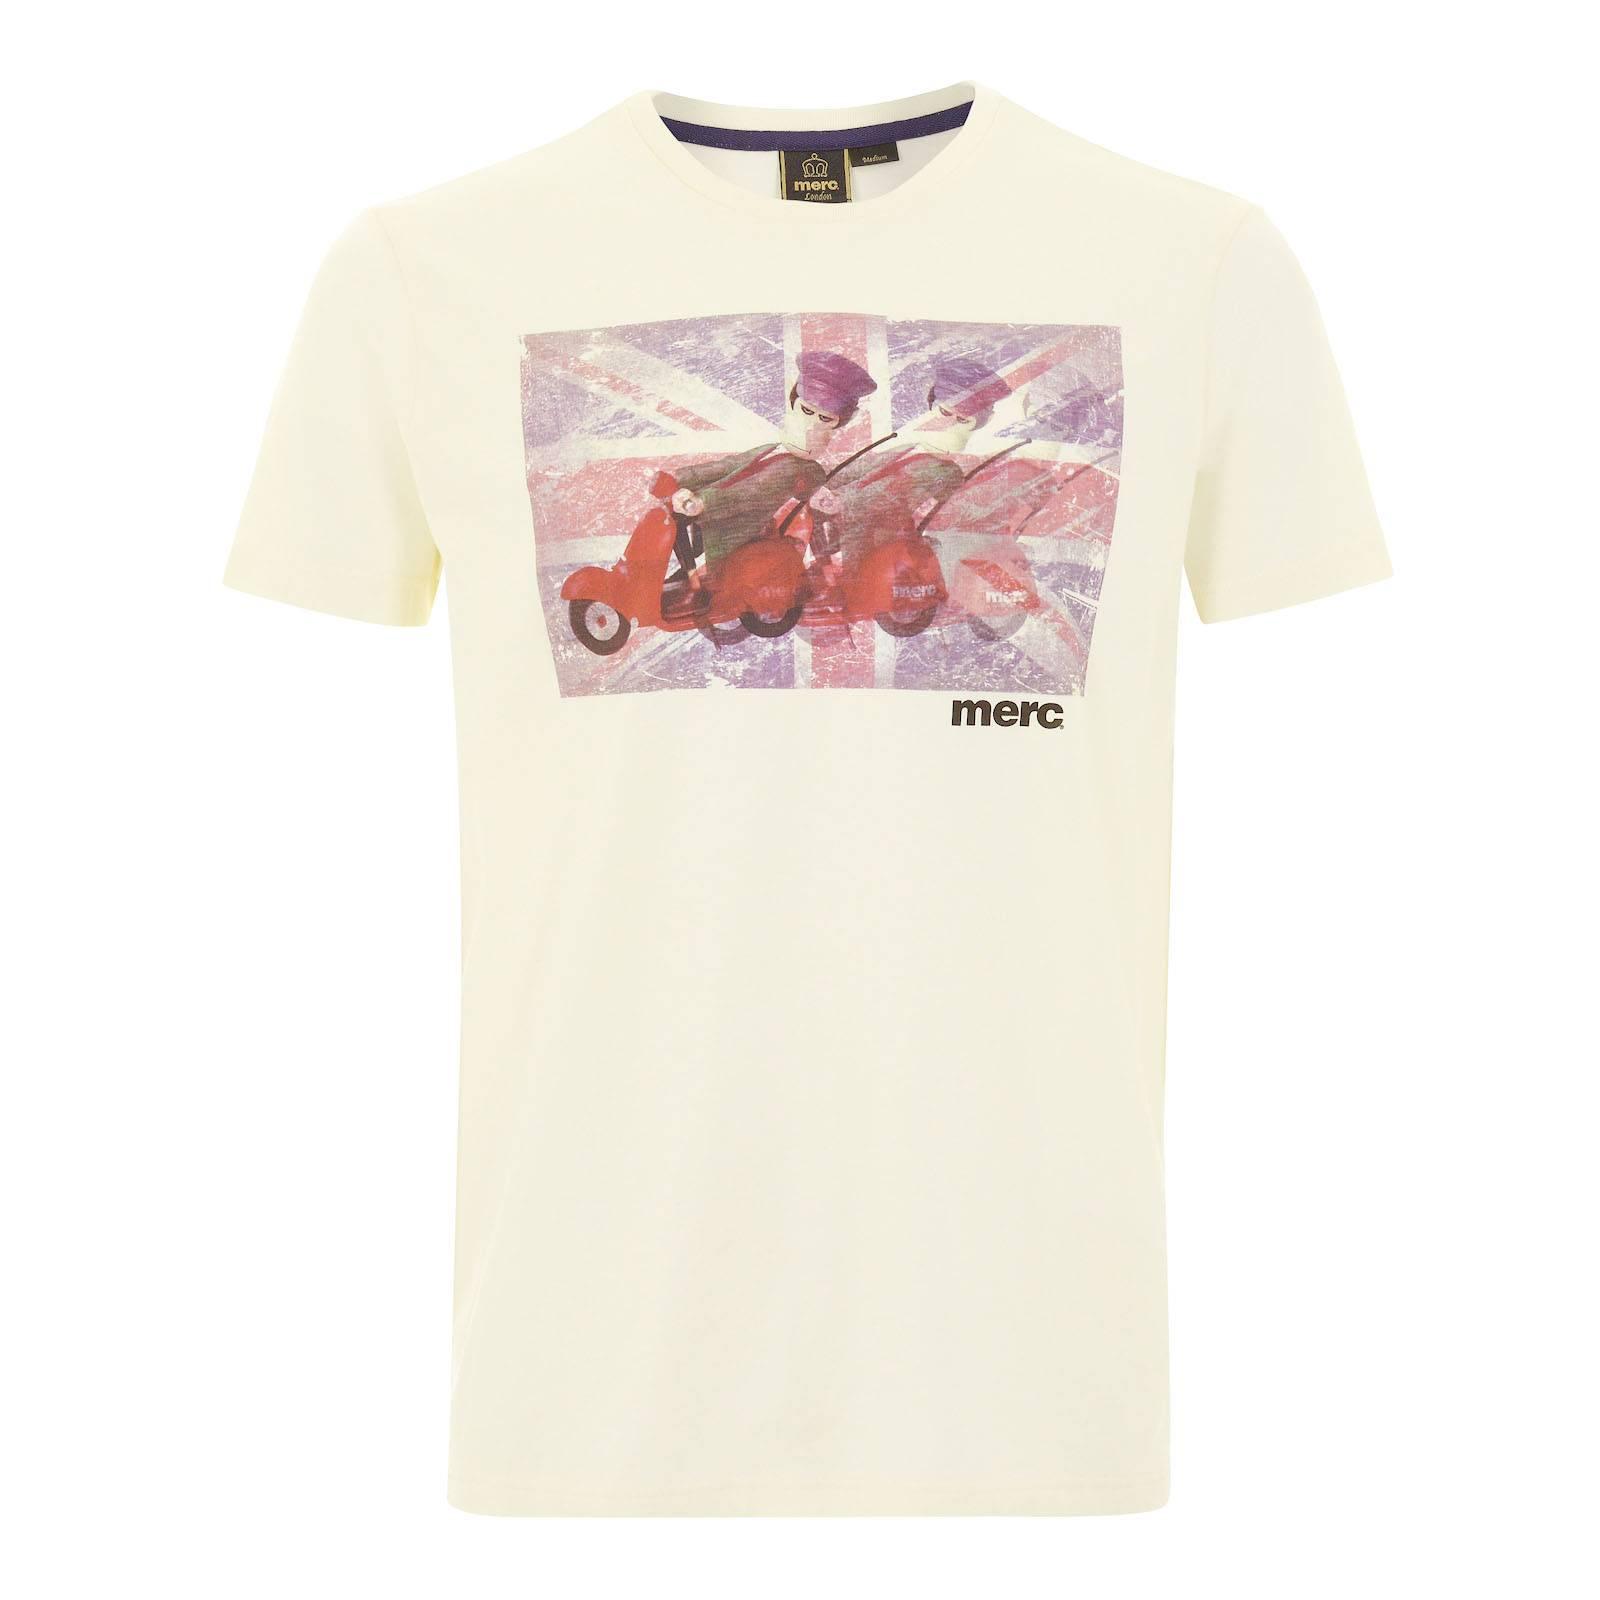 Футболка LongportФутболки<br>Хлопковая мужская футболка с британским флагом Union Jack, изображающая игрушечного мода Jimmy - персонажа исторической серии фигурок Merc, посвященной представителям исконно близких для бренда молодежных движений и субкультур родом из Соединенного Королевства.<br><br>Артикул: 1715110<br>Материал: 100% хлопок<br>Цвет: винтажный белый<br>Пол: Мужской